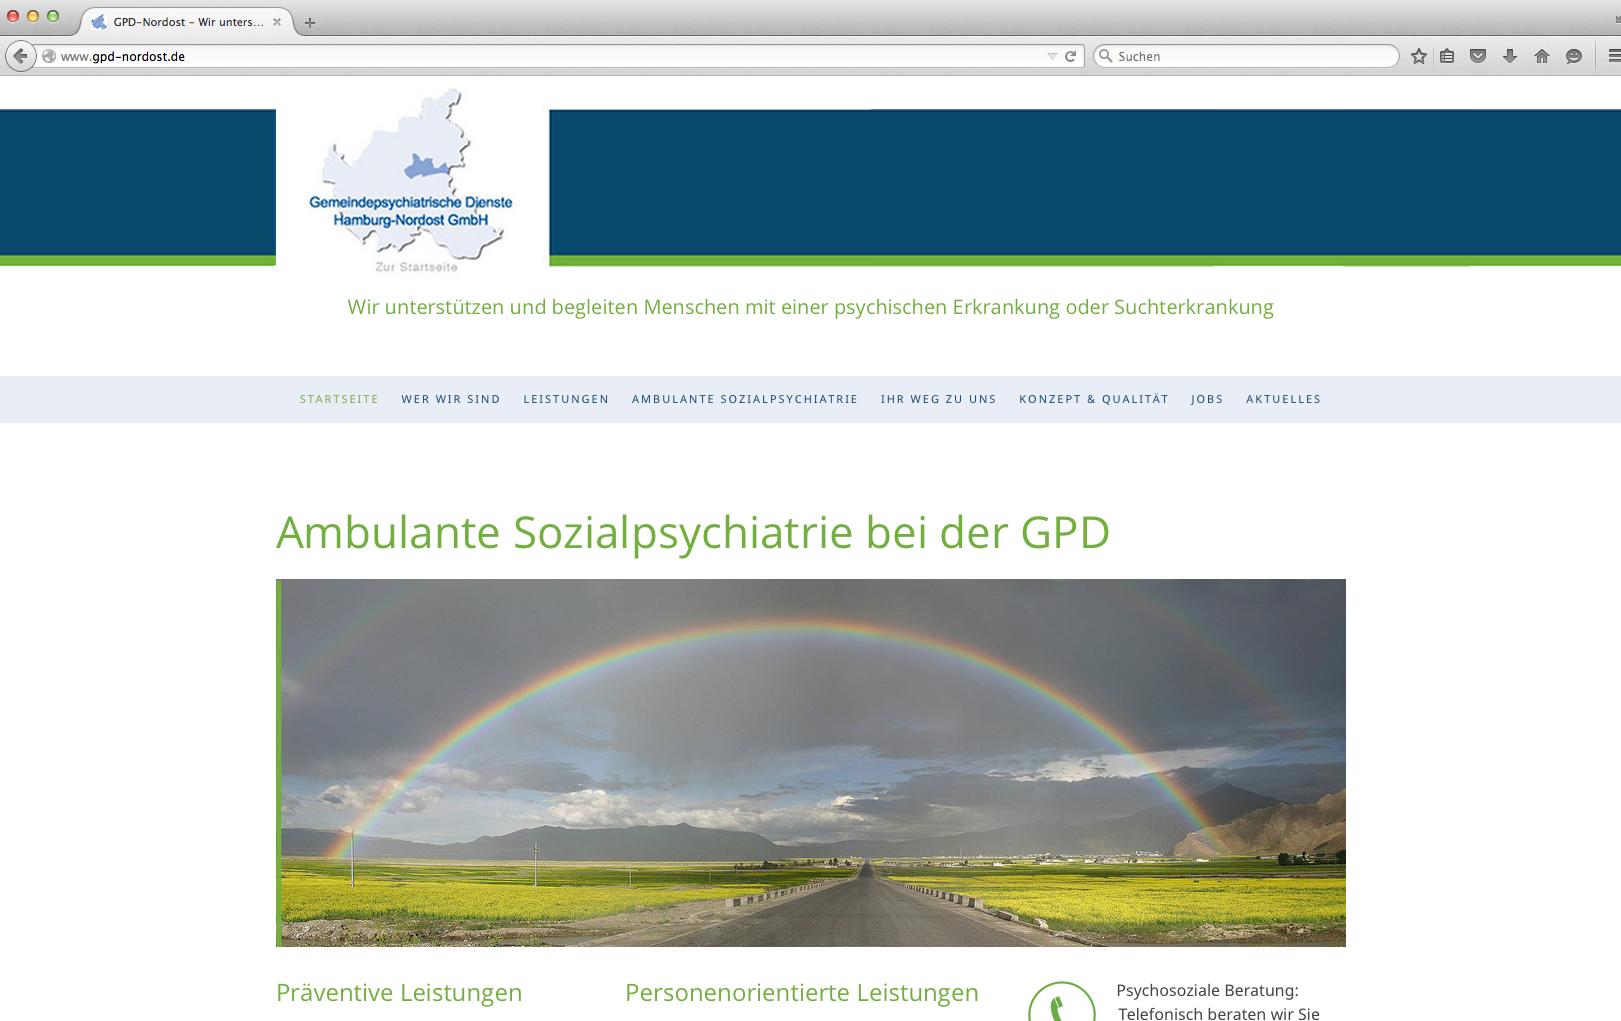 Unternehmens-Website Gemeindepsychiatrische Dienste Hamburg-Nordost GmbH